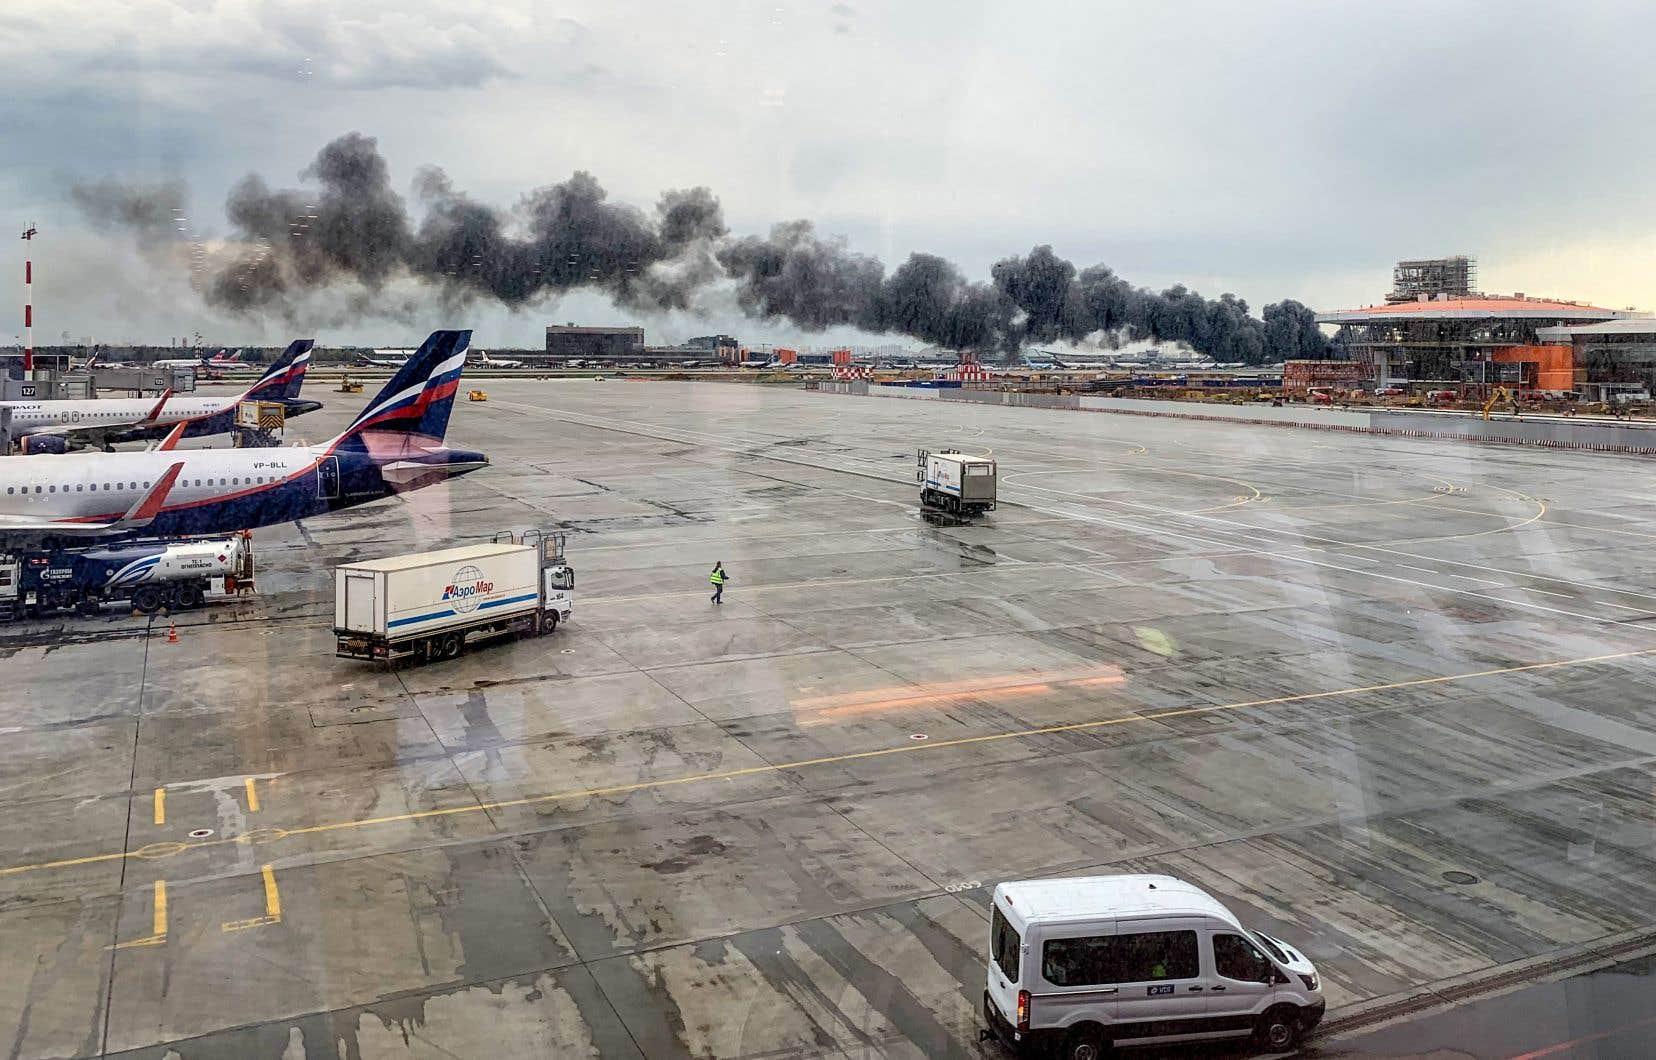 L'avion avait été contraint à un atterrissage d'urgence à Moscou-Cheremetievo quelques minutes après son décollage.